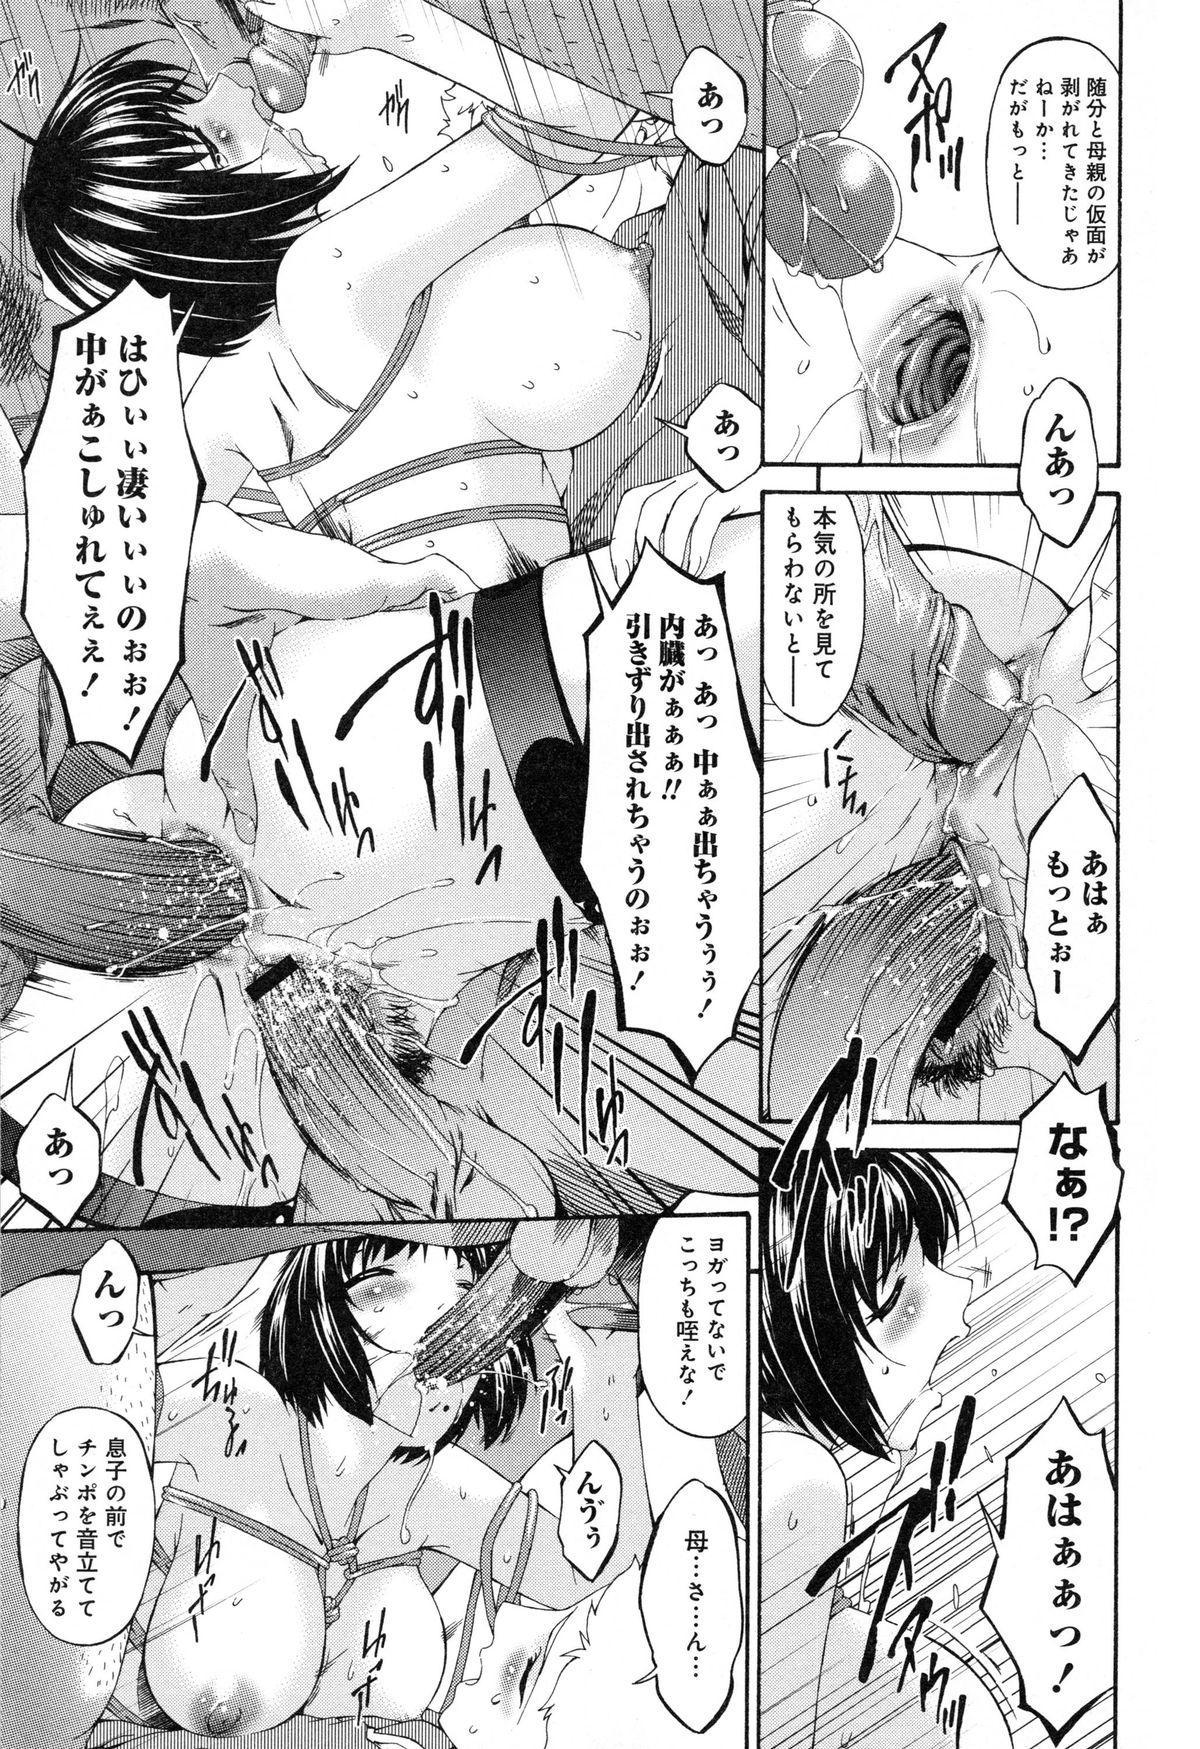 Shinshoku no Toki 197